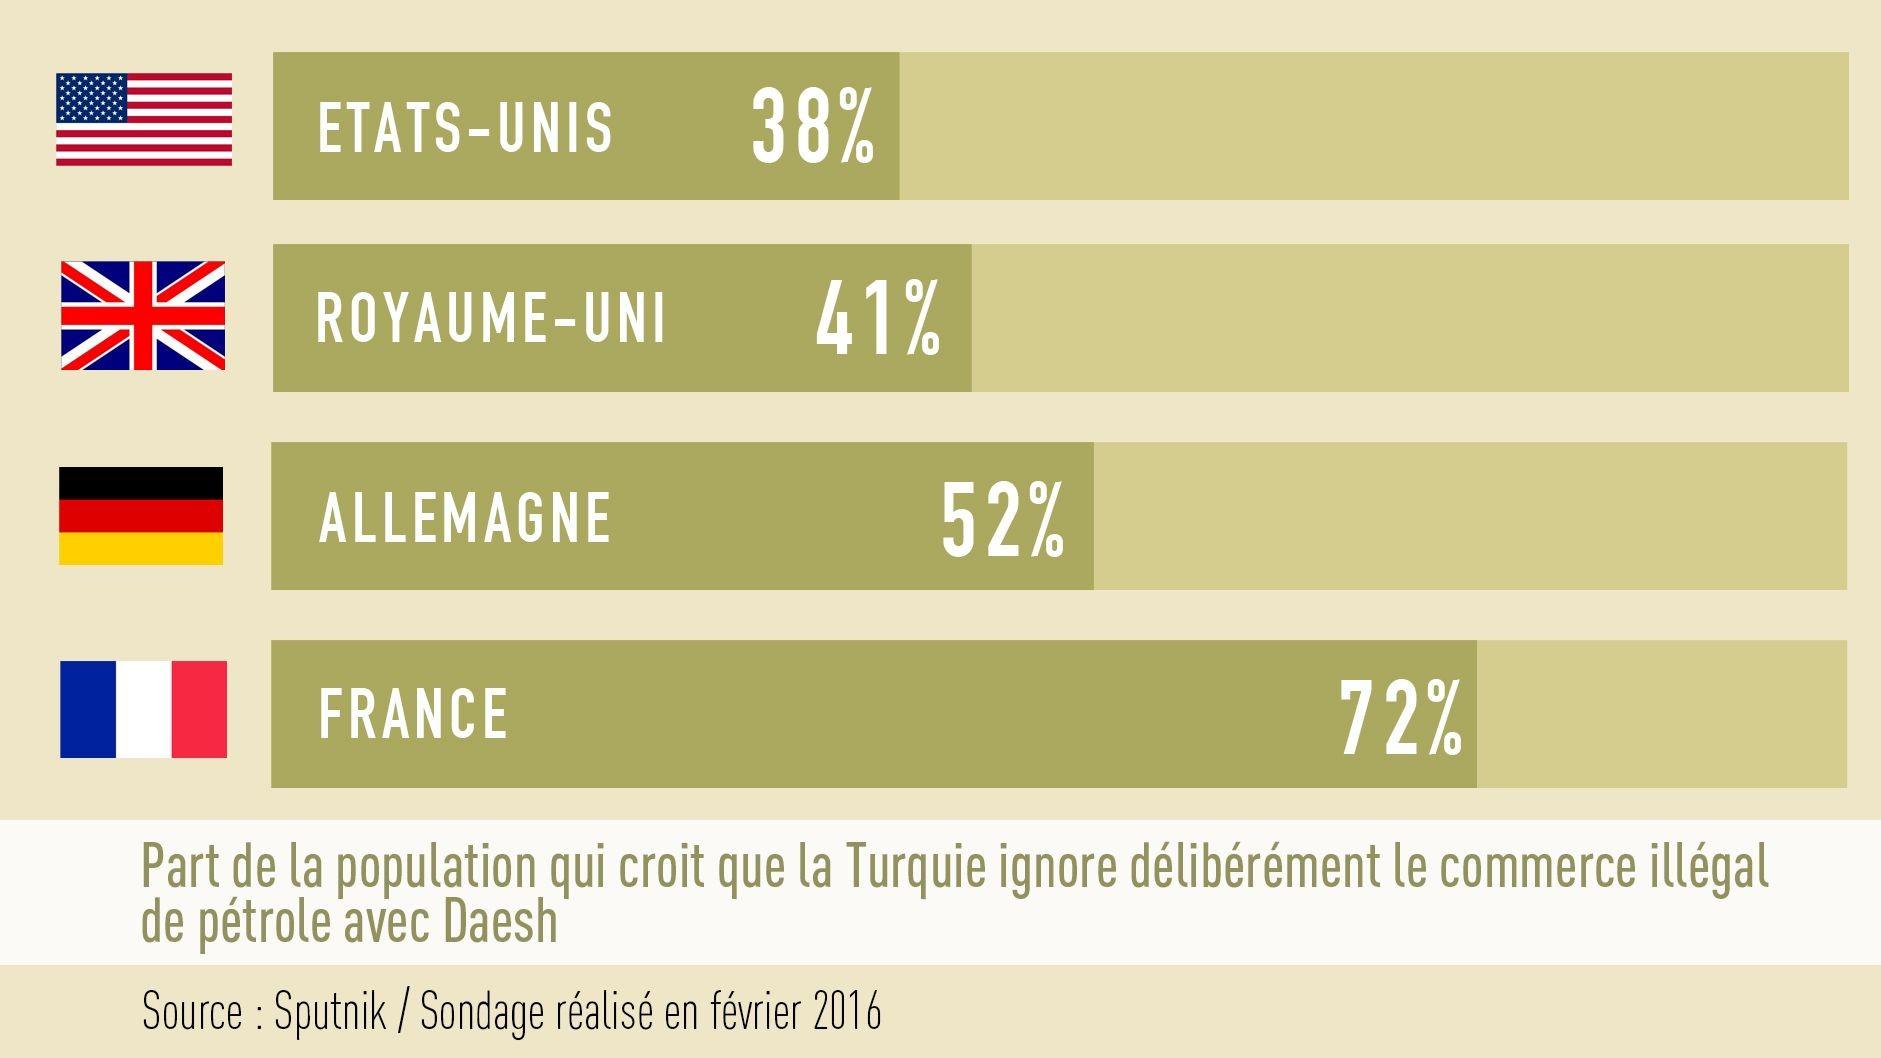 Sondage : les Français croient en majorité que la Turquie ferme les yeux face au commerce avec Daesh